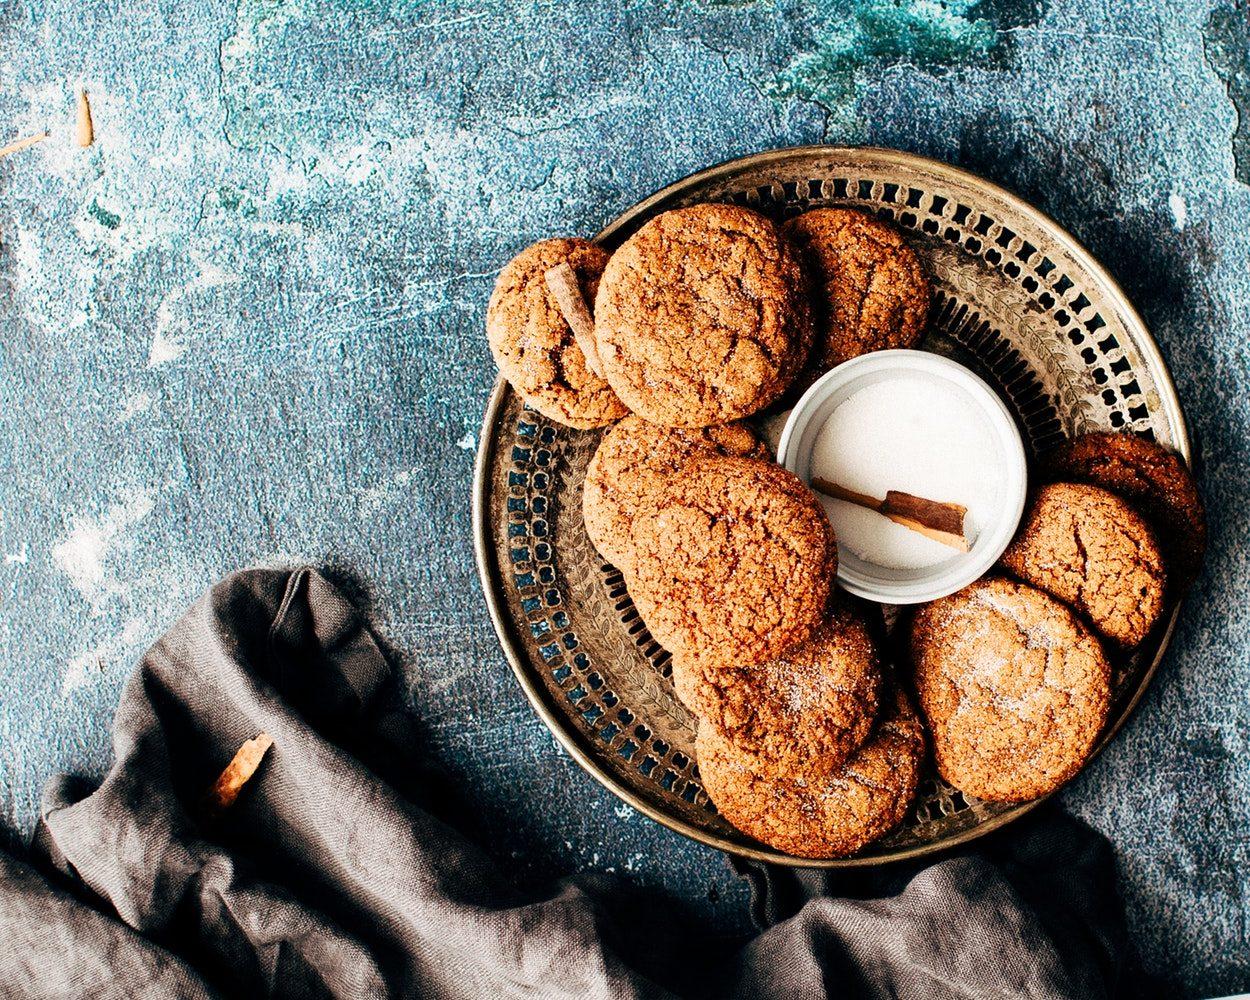 Диетическое печенье: рецепты для похудения в домашних условиях, печеньки для диеты, правила приготовления для худеющих, лучшие варианты | customs.news